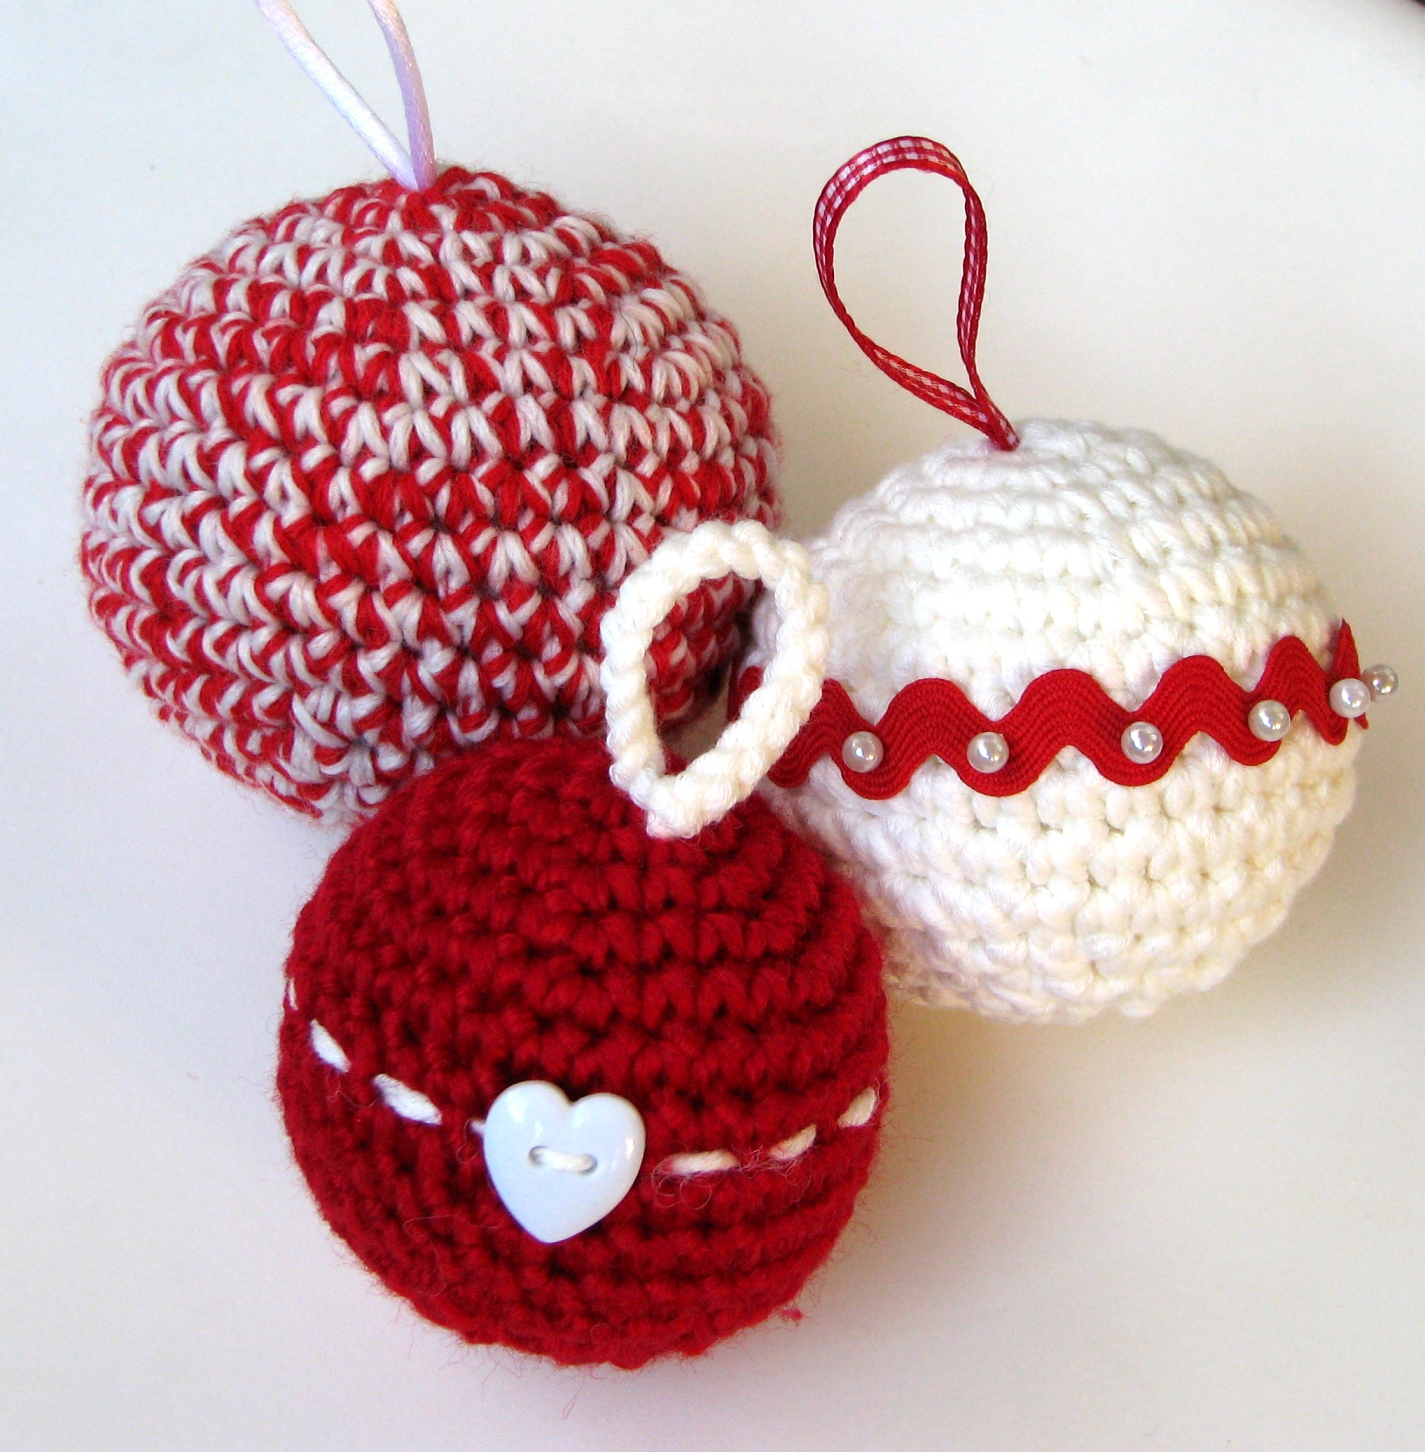 Teje tu navidad crochet your xmas - Adornos de nadal ...